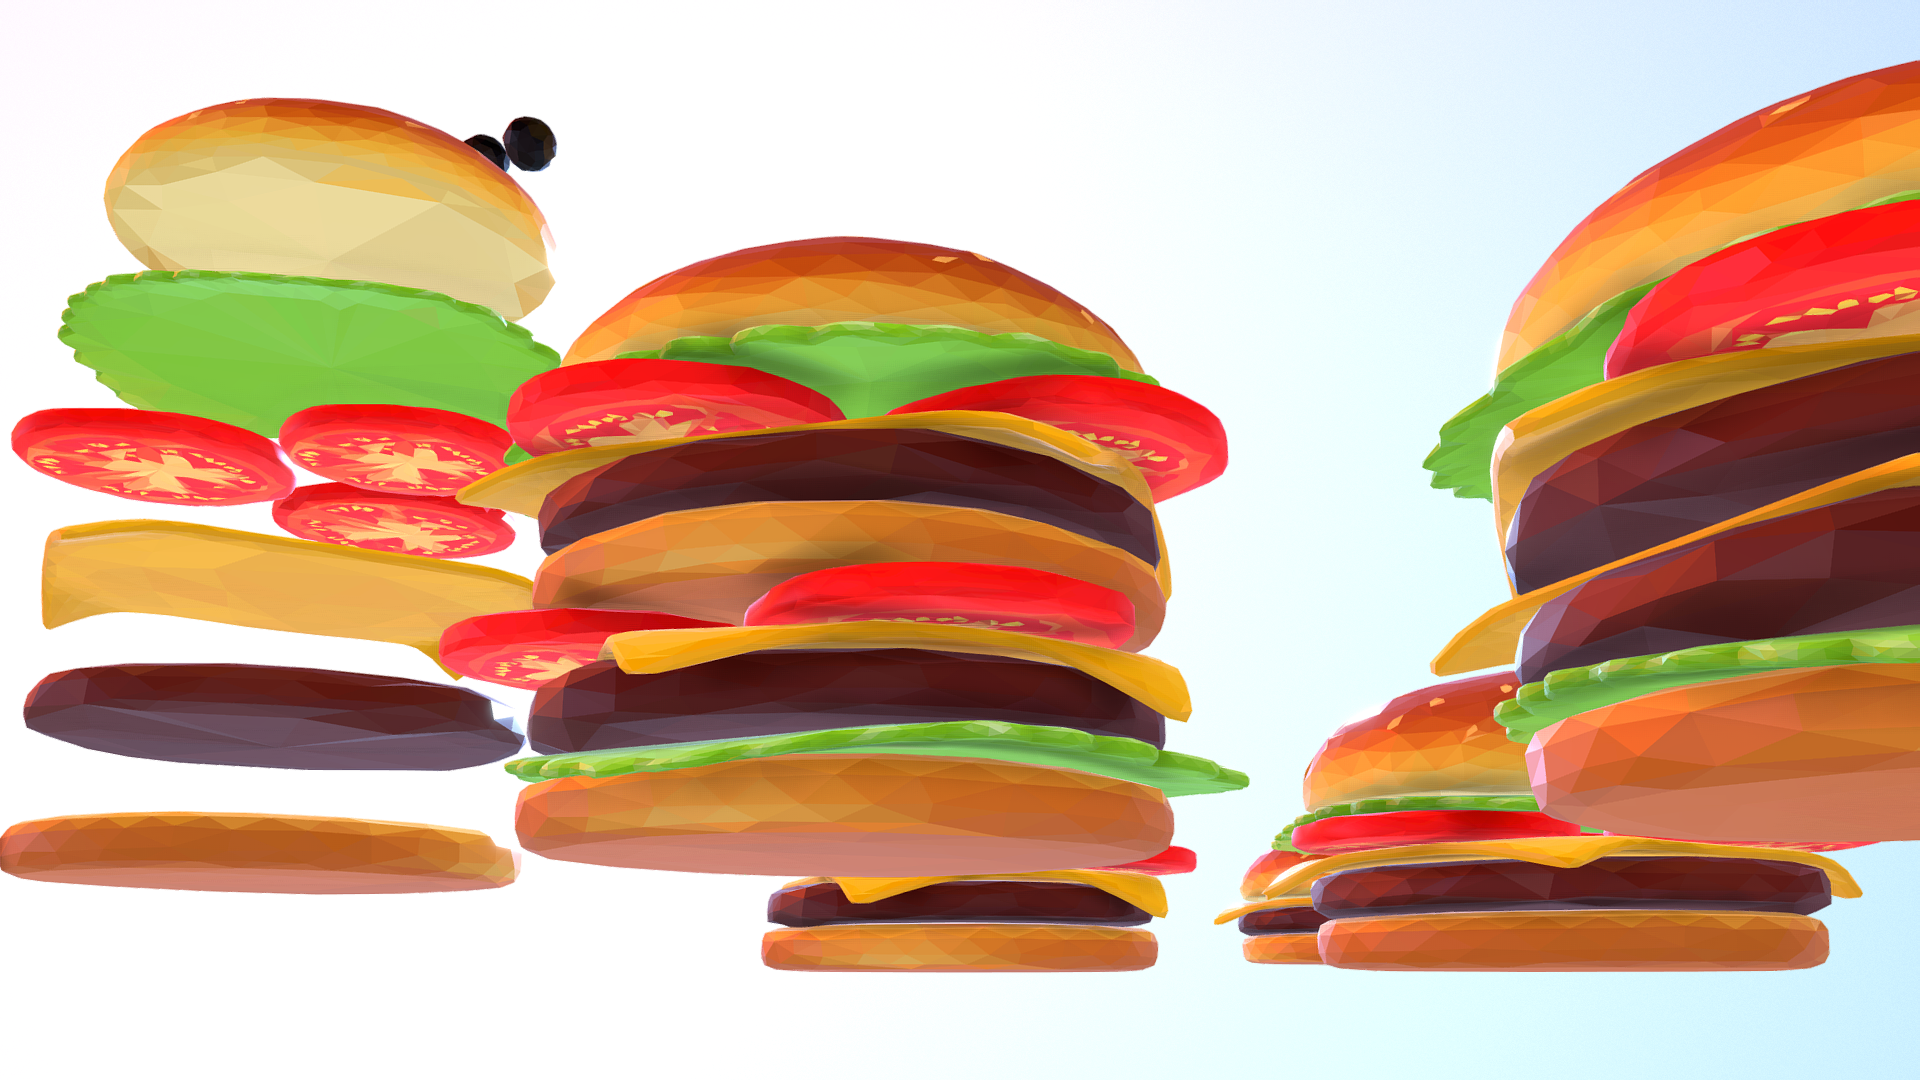 lowpolyart hamburger cheeseburger graditelj 3d model 3ds max fbx jpeg jpg ma mb tekstura obj 269556